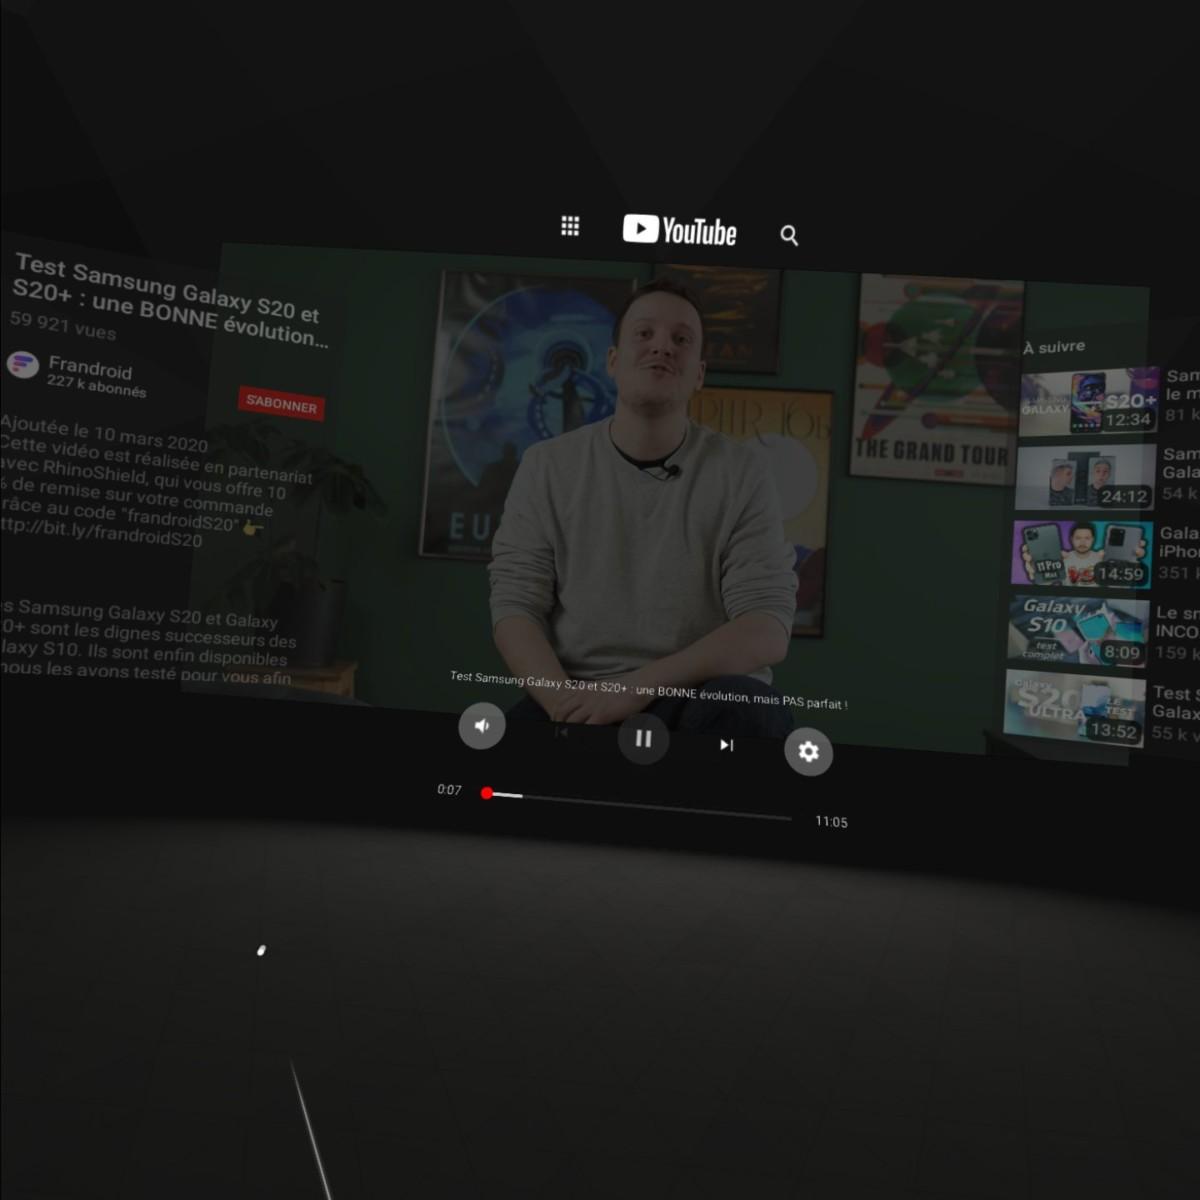 YouTube en VR sur Oculus Quest